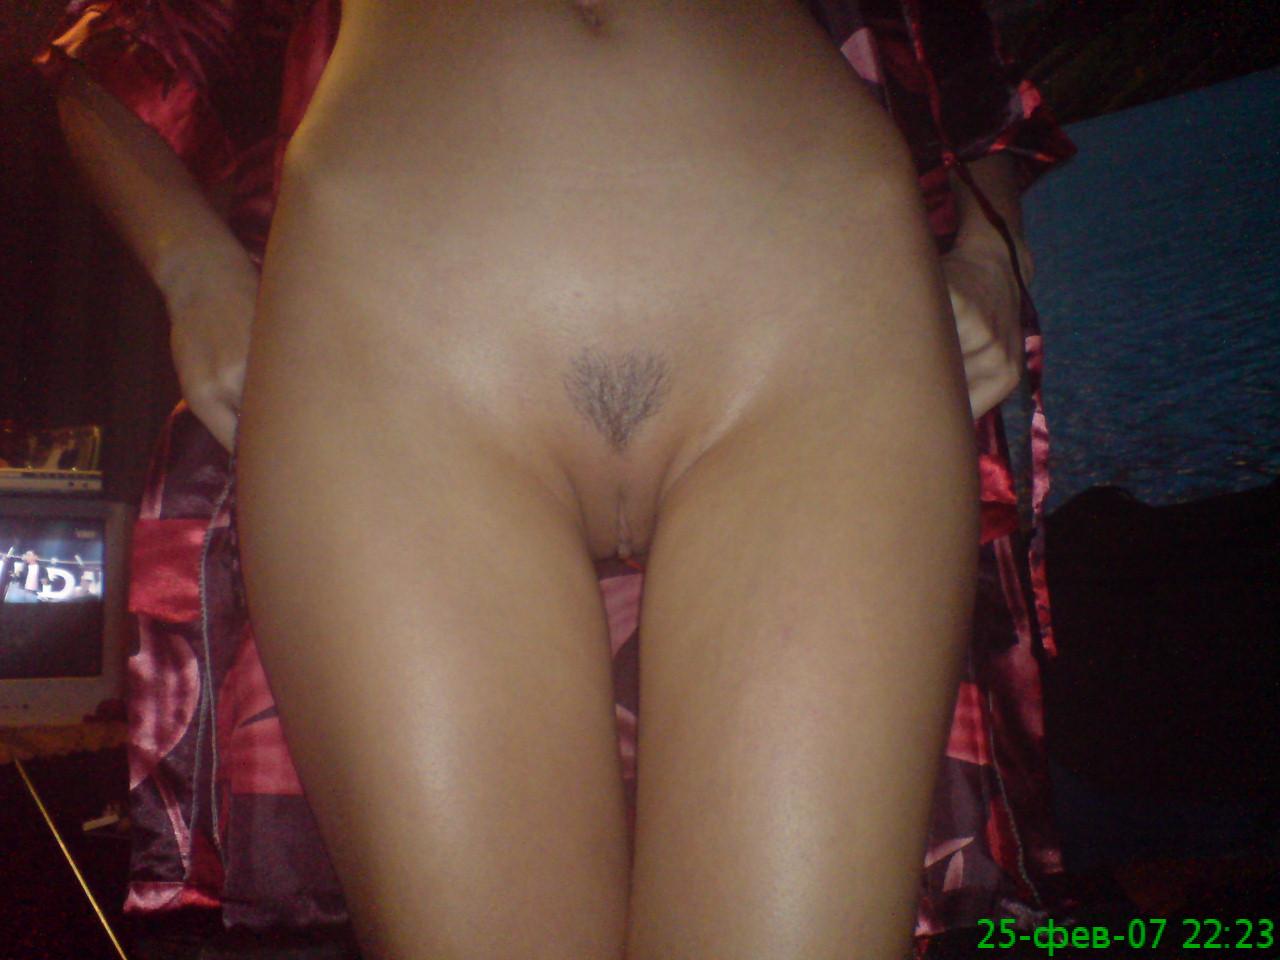 Фото интимное частное 2 фотография